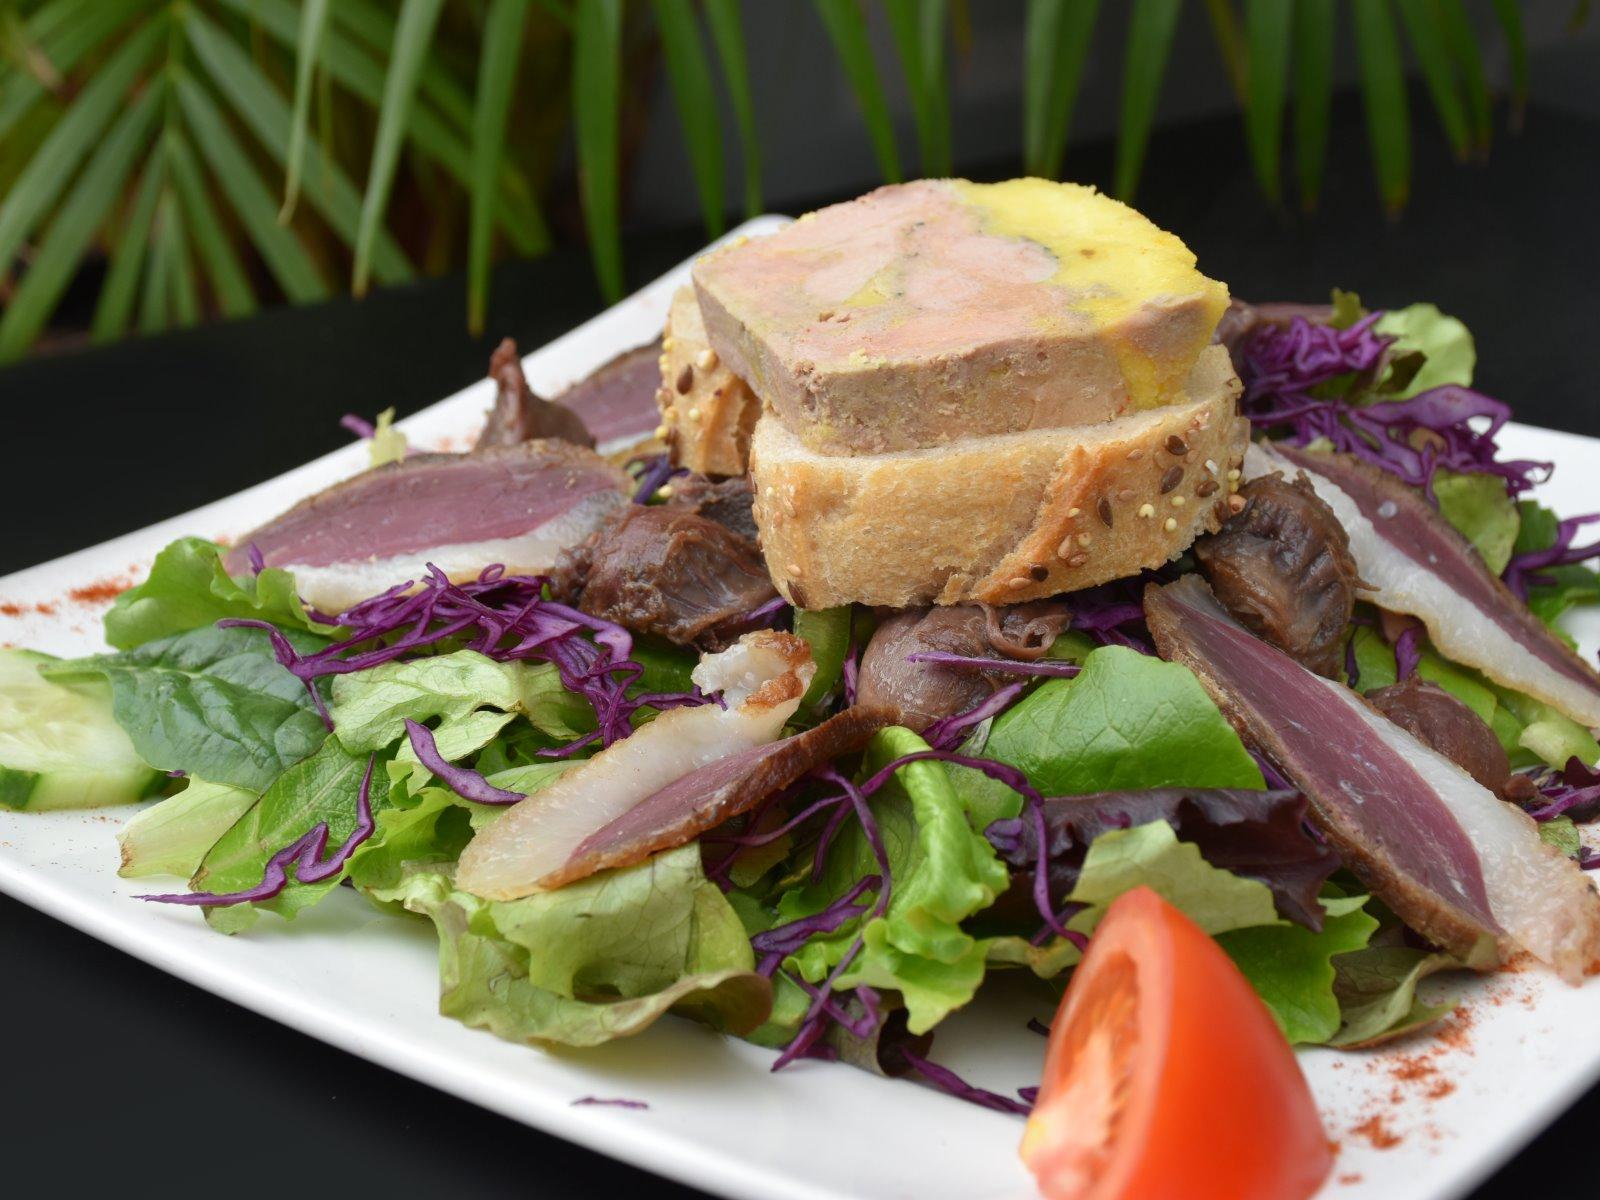 Restaurant de gastronomie fran aise toulouse les photos du comptoir gourmand - Accompagnement gambas grillees ...